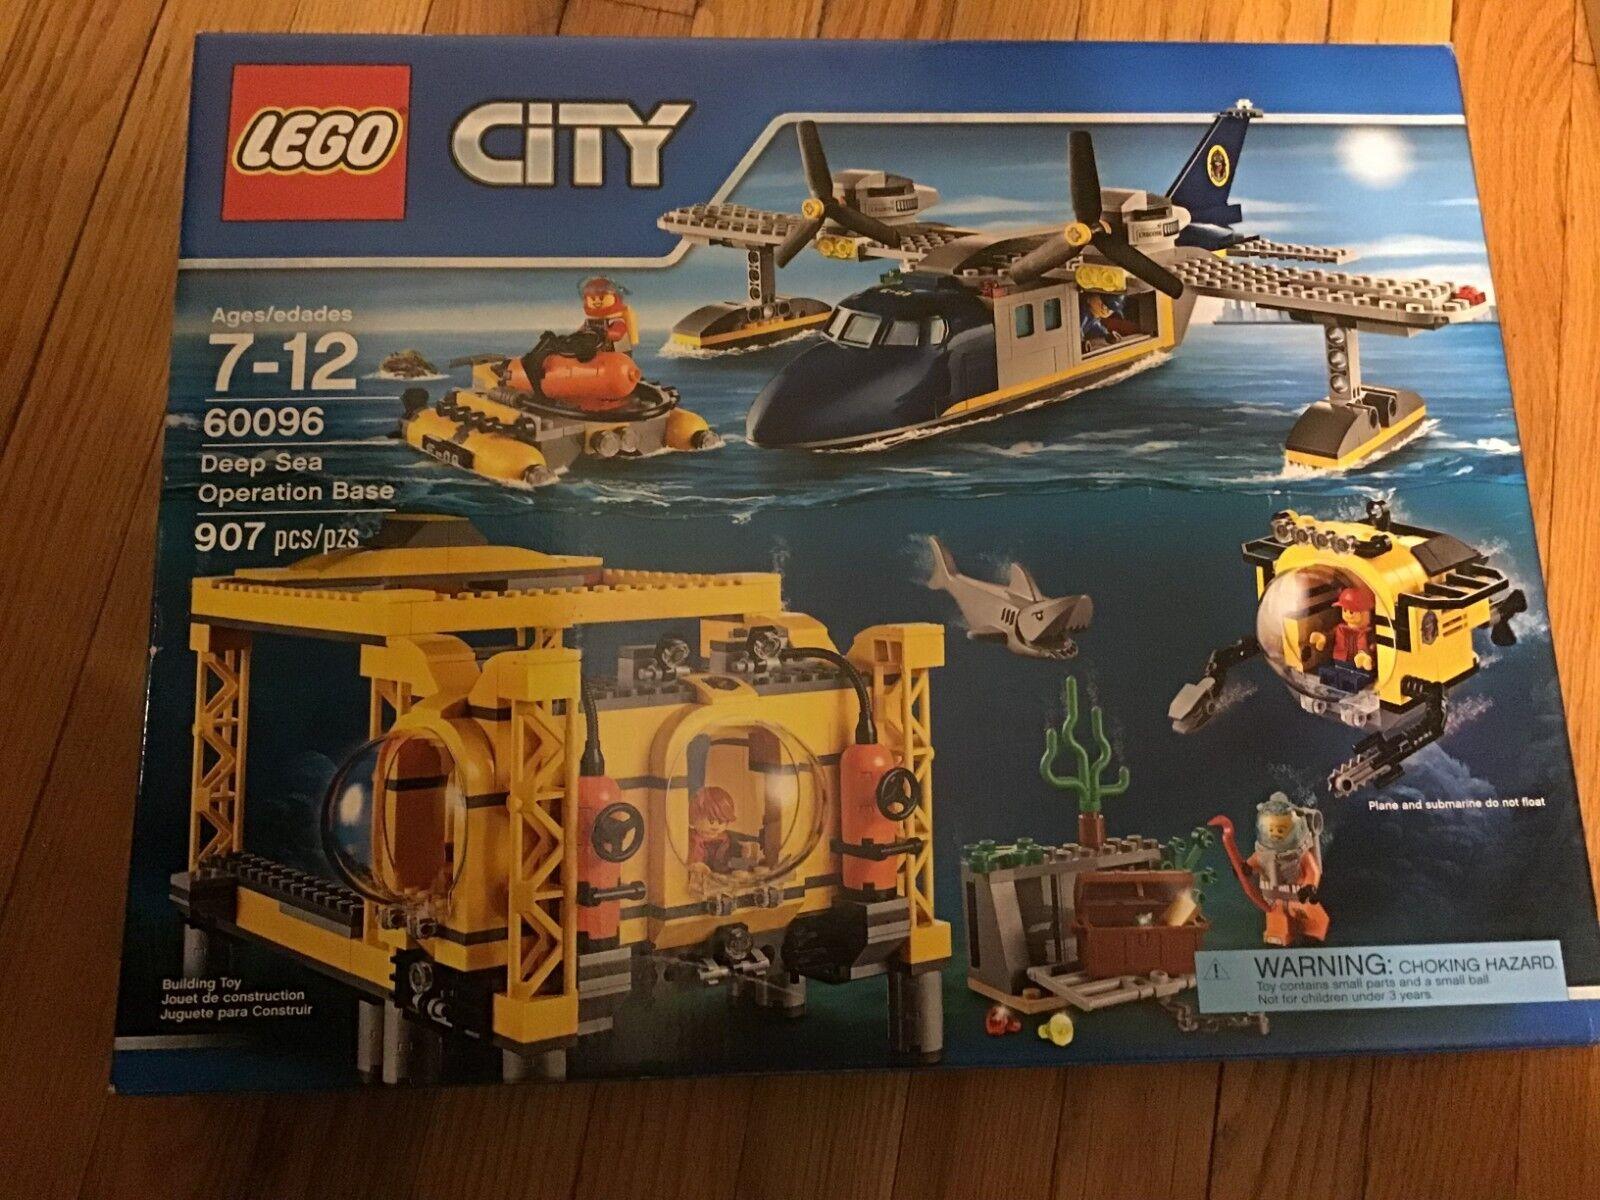 nuovo in scatola 60096 DEEP SEA OPERATION BASE Lego città  Operation Base - Retirosso  incentivi promozionali